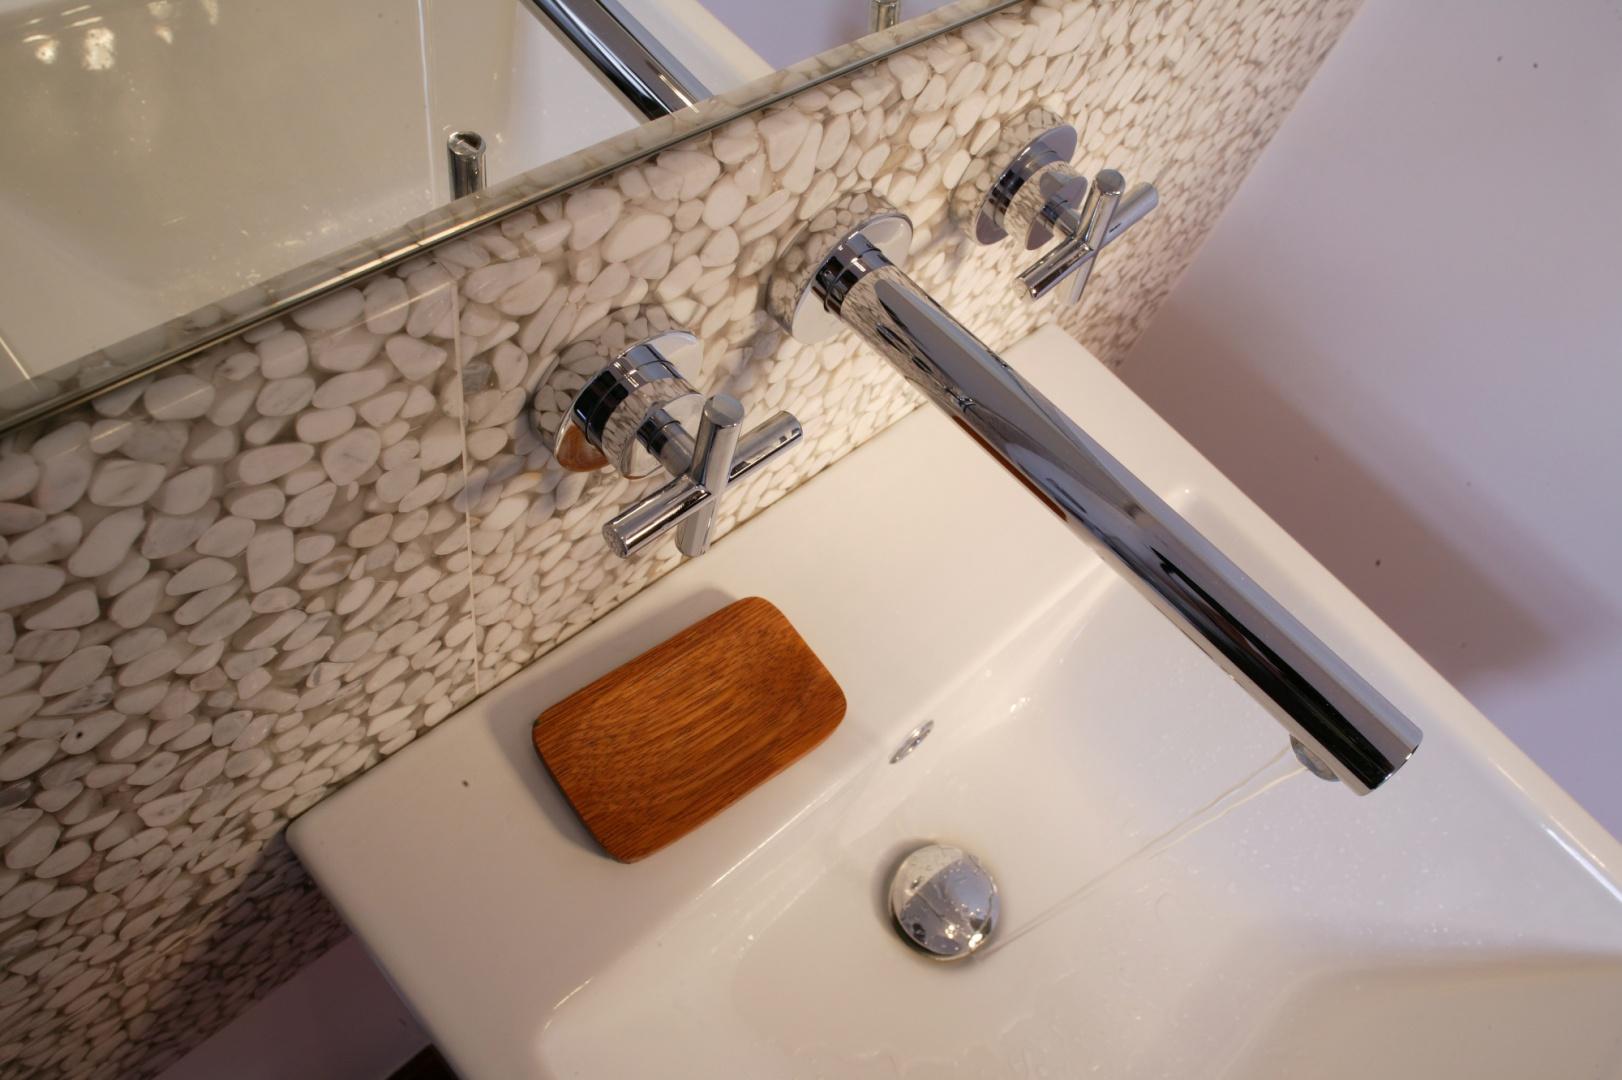 Baterię umywalkową (z mieszaczem zainstalowanym pod tynkiem) wyróżnia minimalistyczne wzornictwo. Proste linie jej wylewki oraz krzyżowych kurków idealnie wpisują się w klimat łazienki. Fot. Monika Filipiuk.